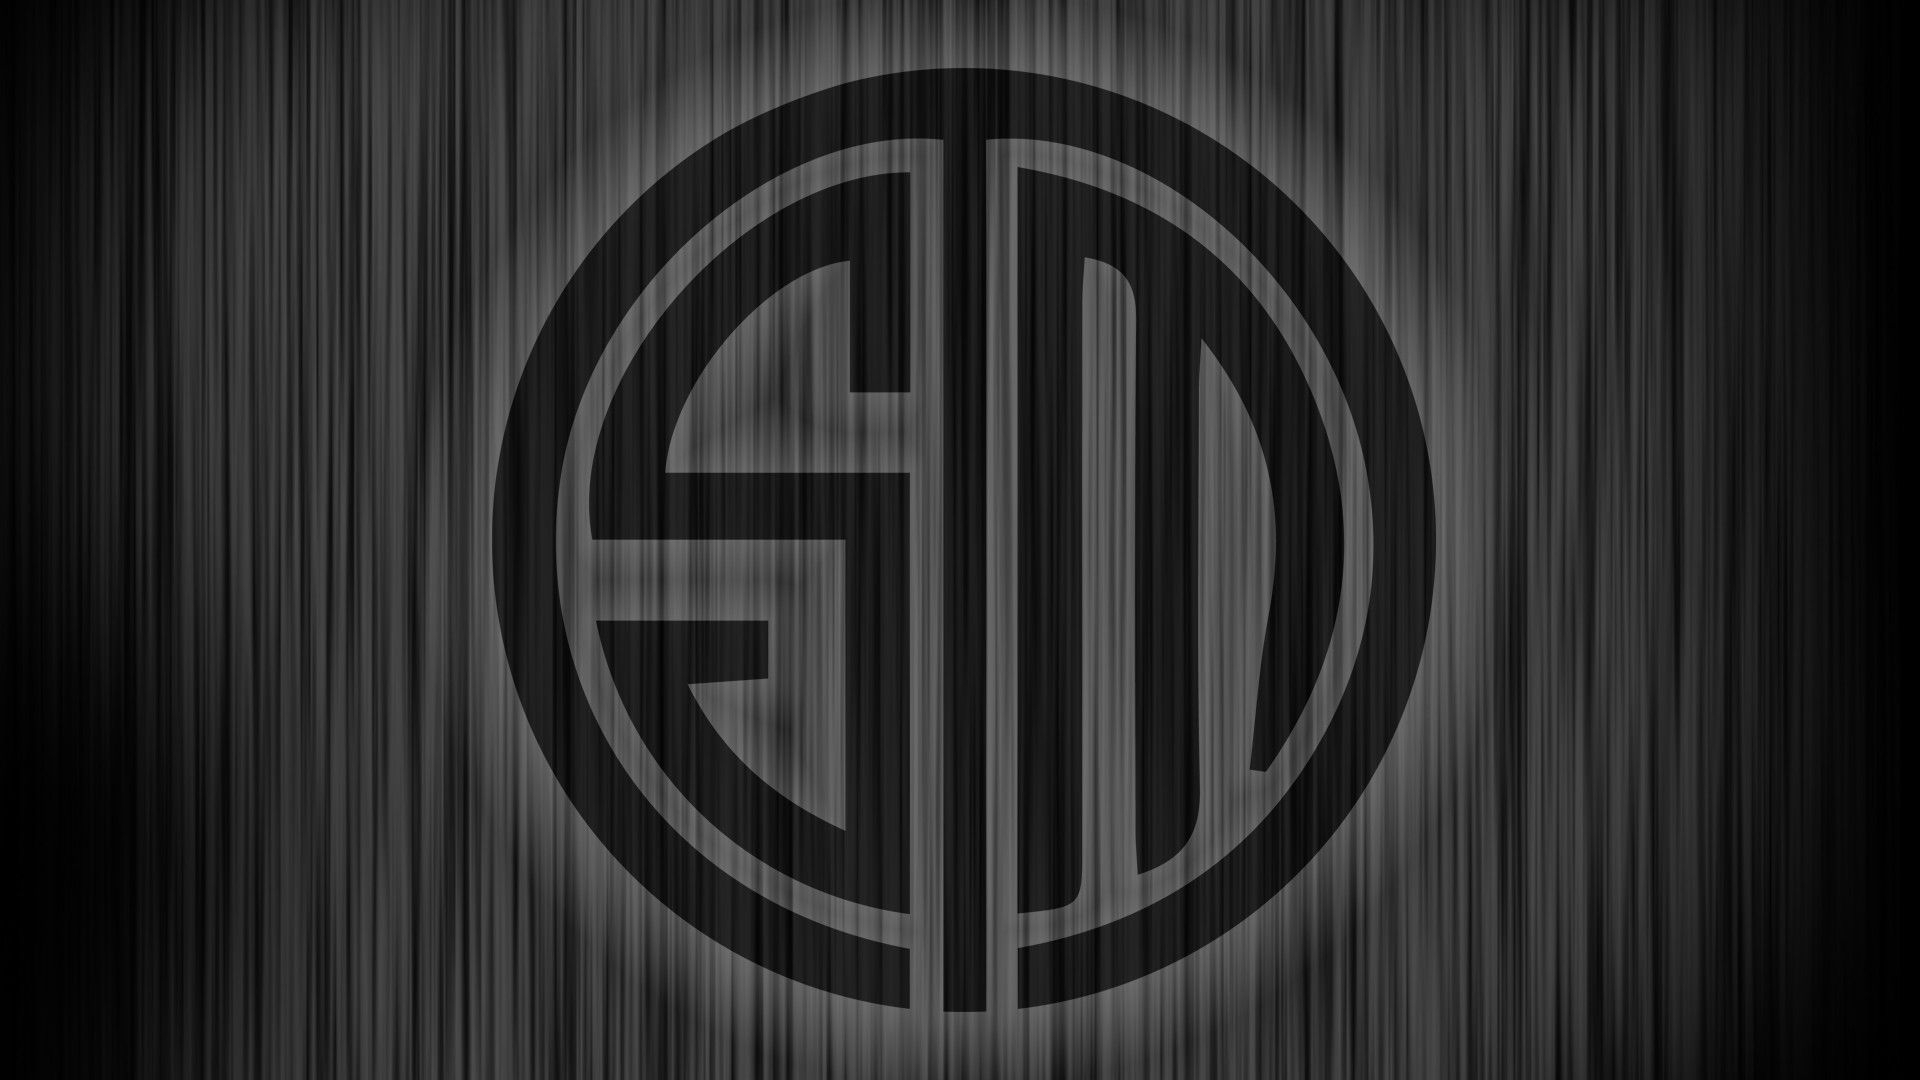 team solomid (1920x1080) via www.allwallpaper.in | league of salt